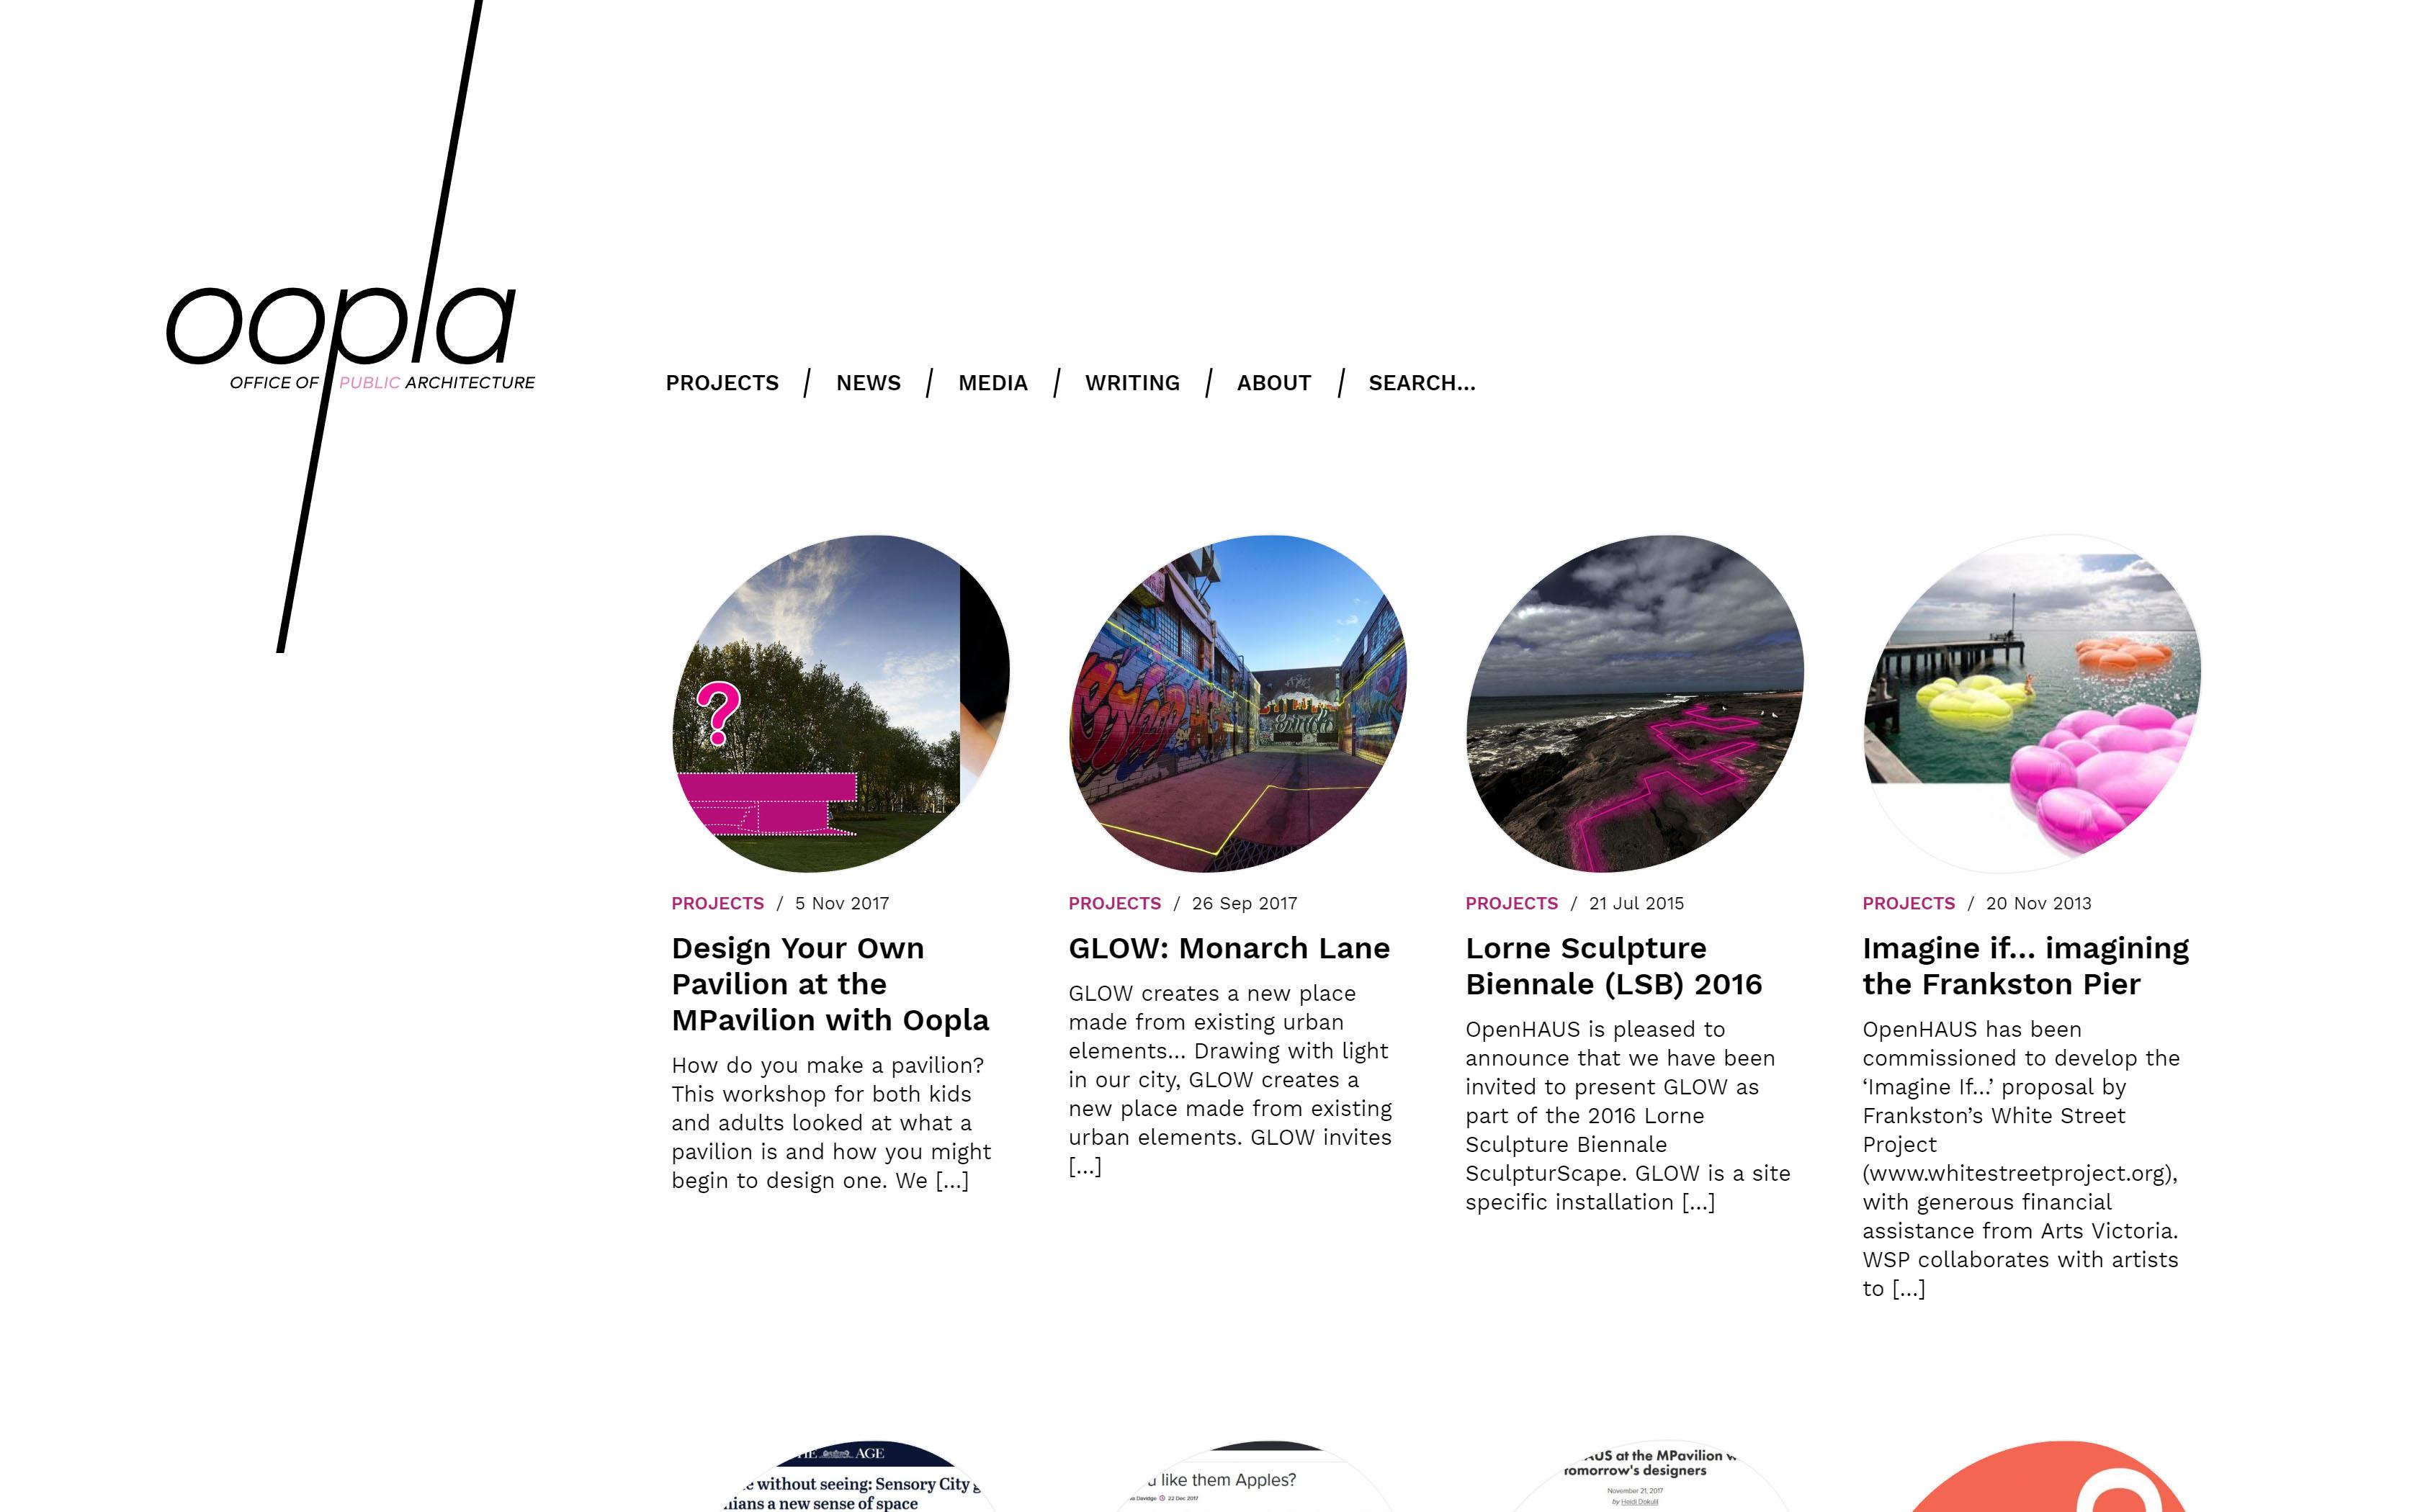 oopla-desktop-home.jpg